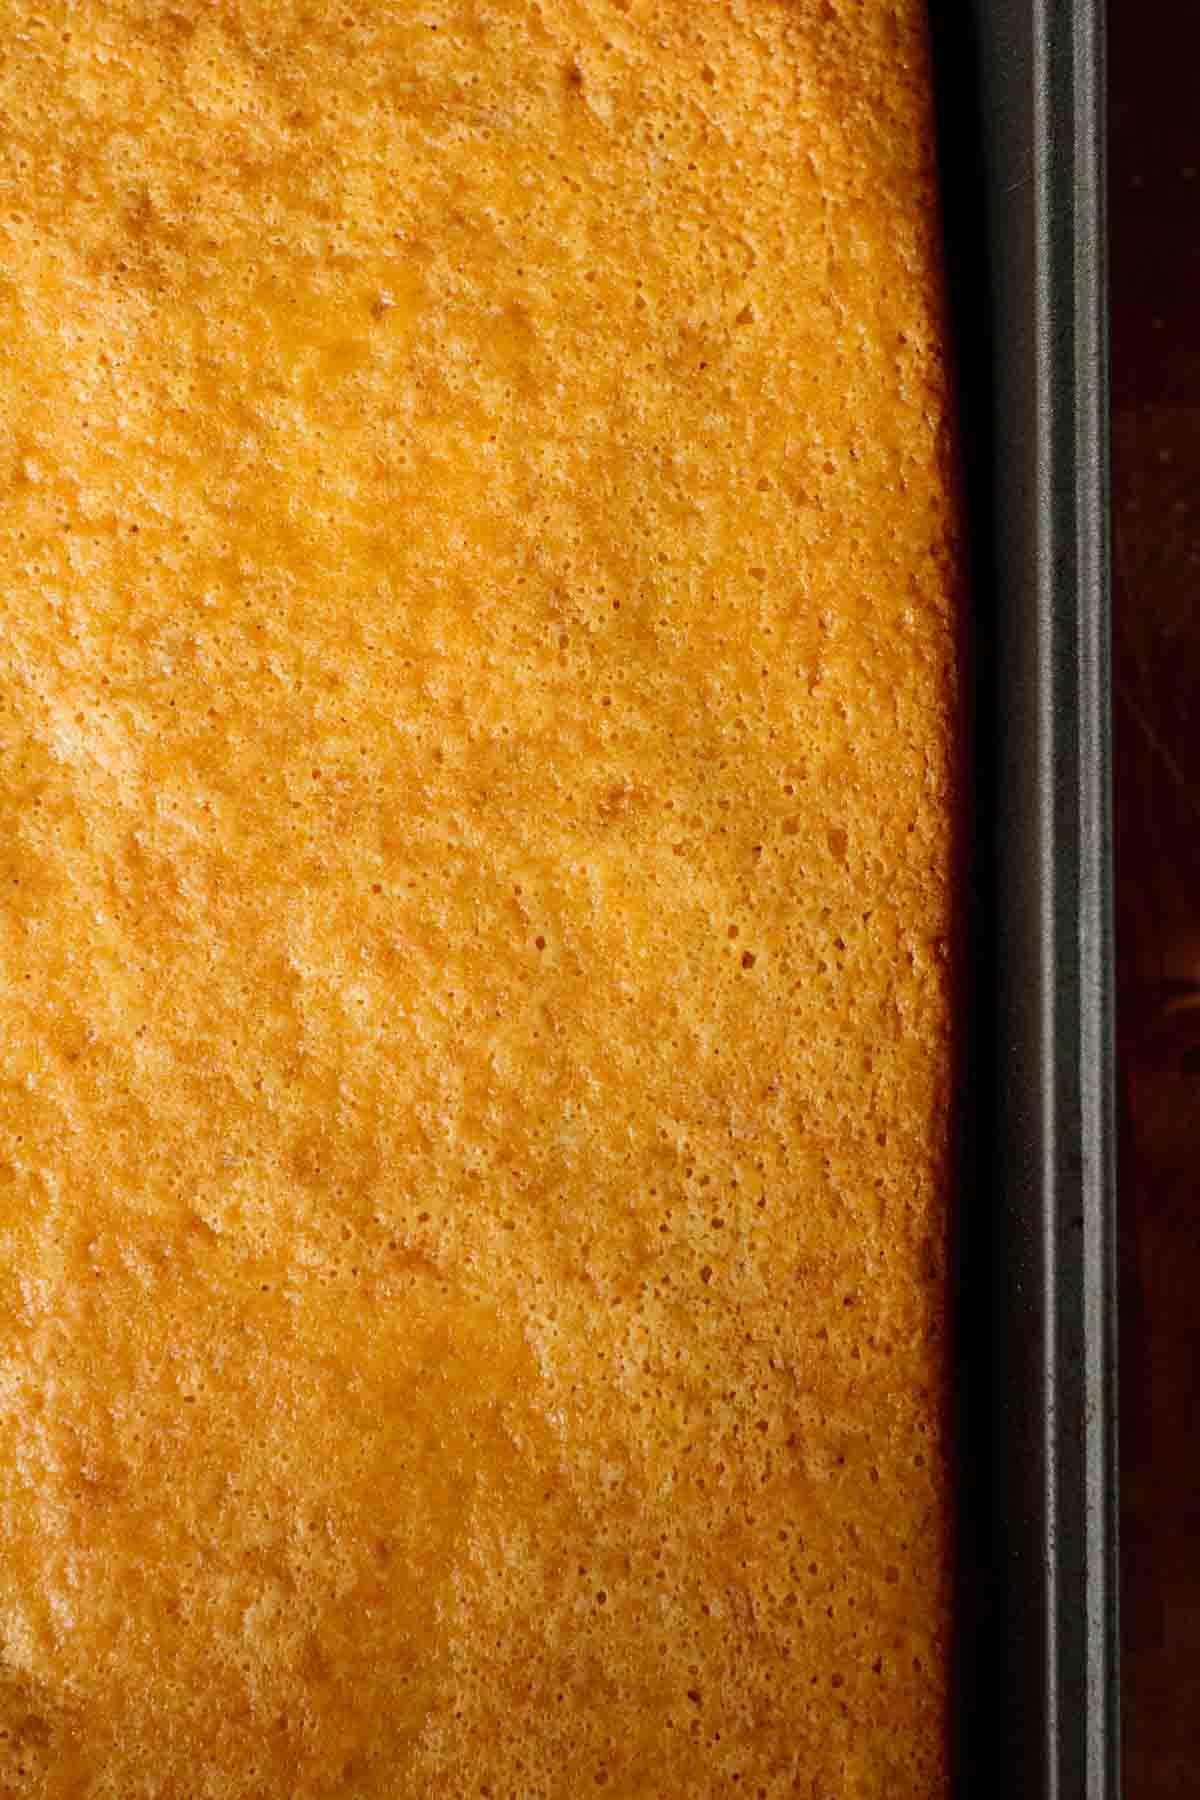 Freshly baked cake still on sheet pan.